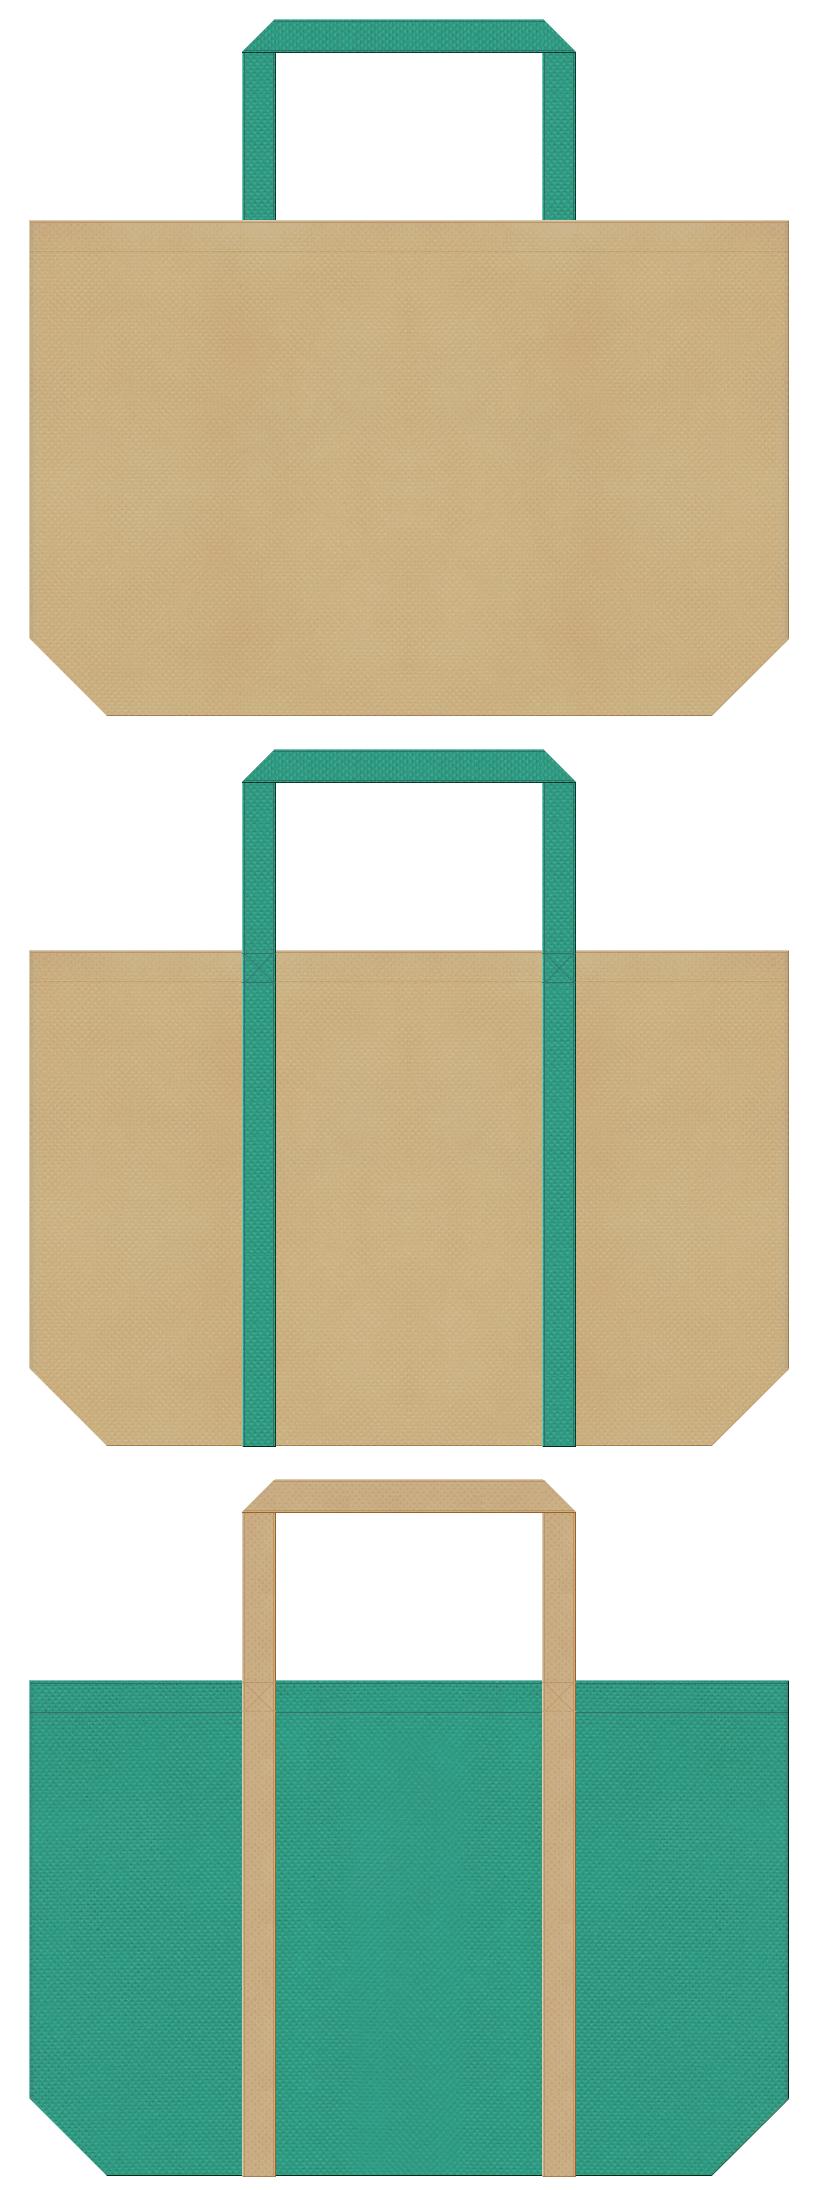 農業・種苗・肥料・園芸用品・産直市場のショッピングバッグにお奨めの不織布バッグデザイン:カーキ色と青緑色のコーデ